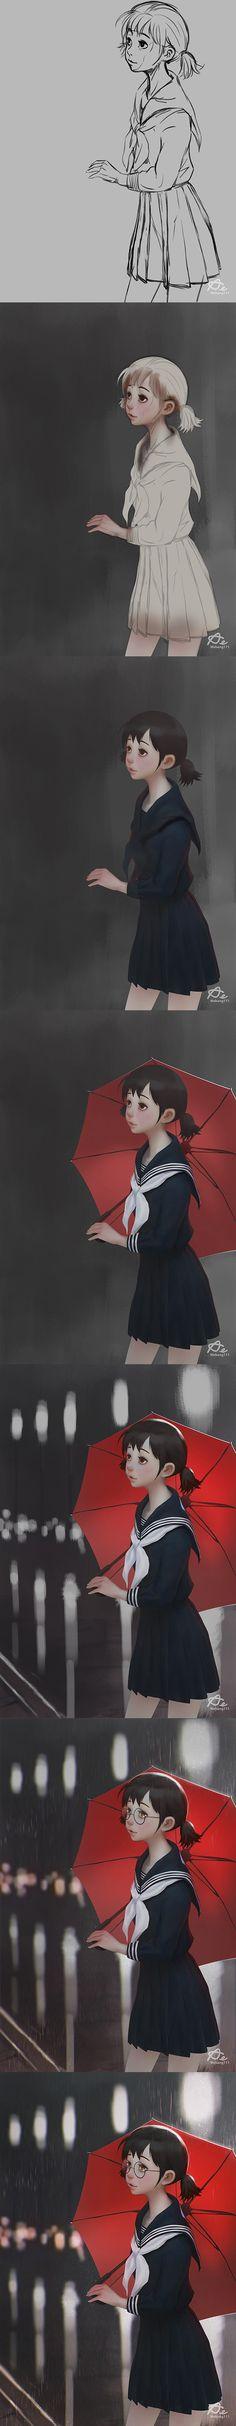 Red Umbrella By webang111 #webang111 #stepbystep #digitalpainting #drawing